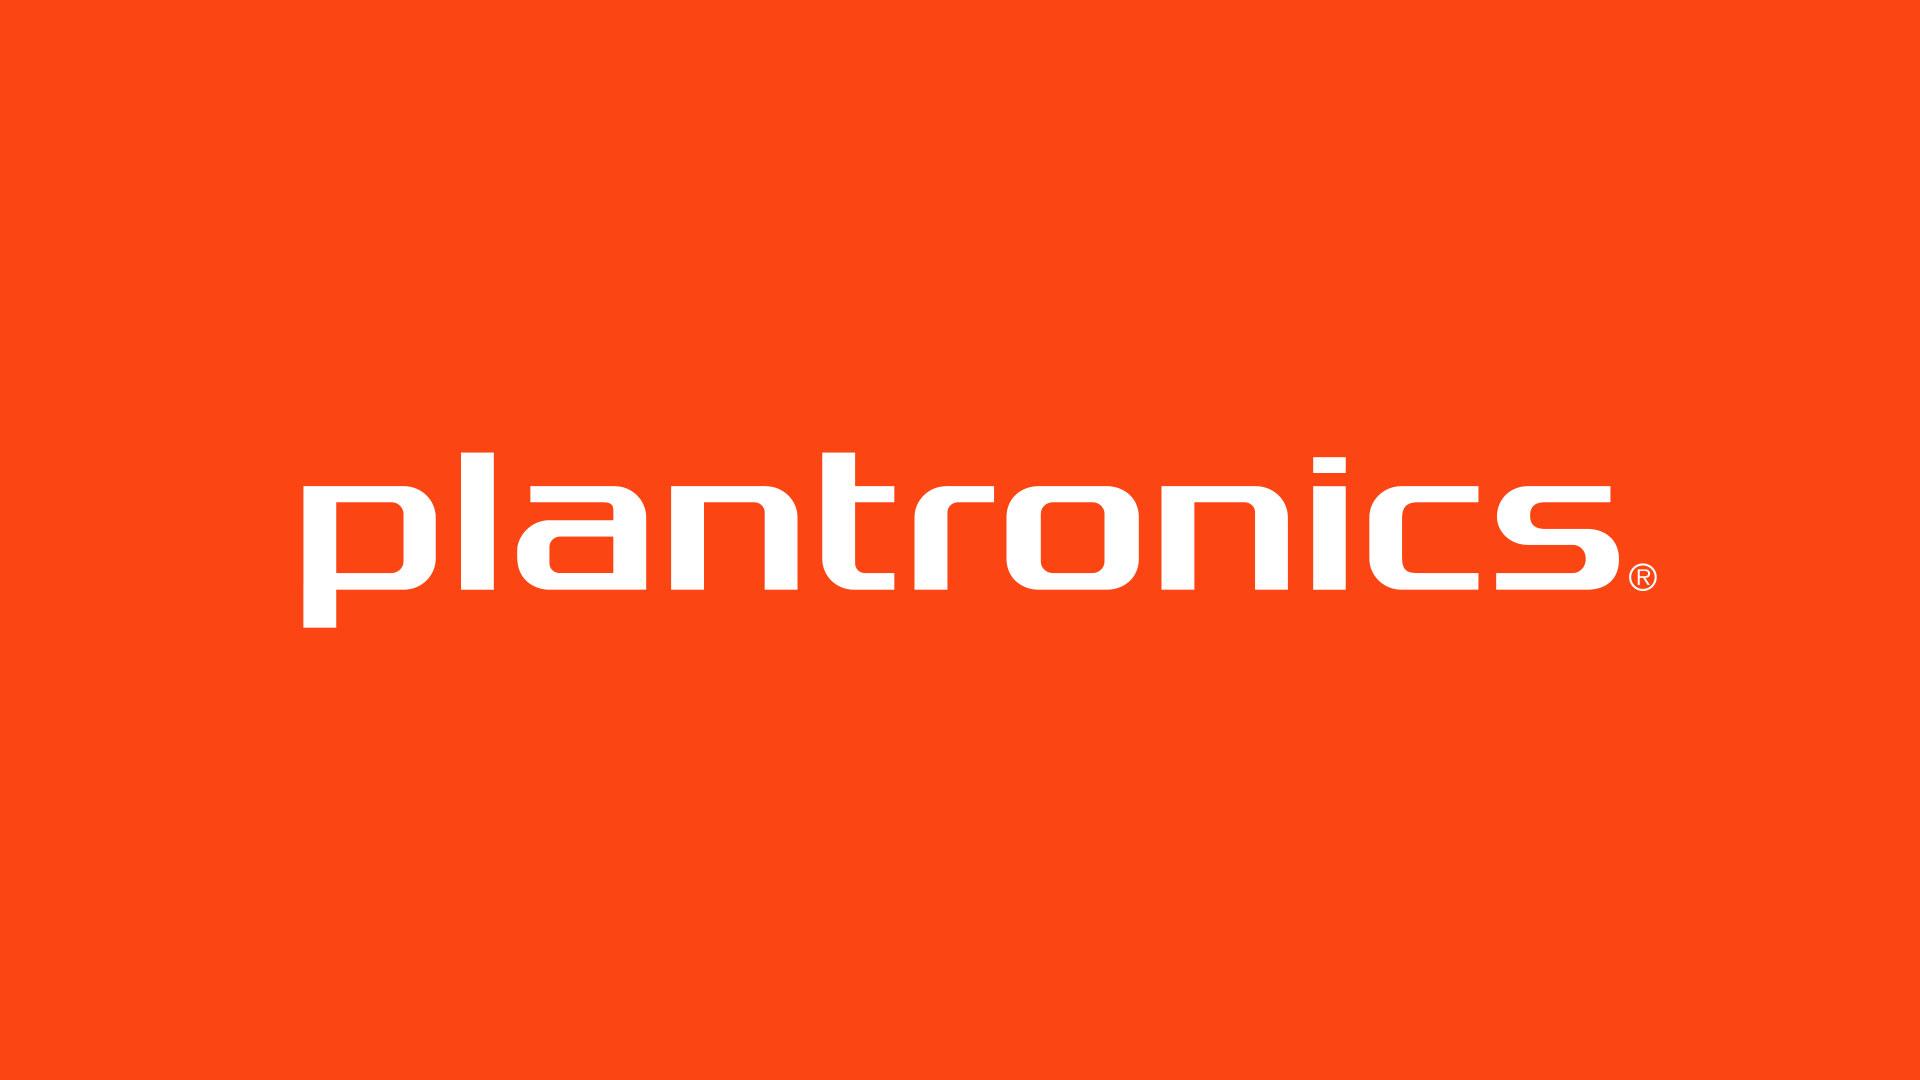 Plantronics logotype